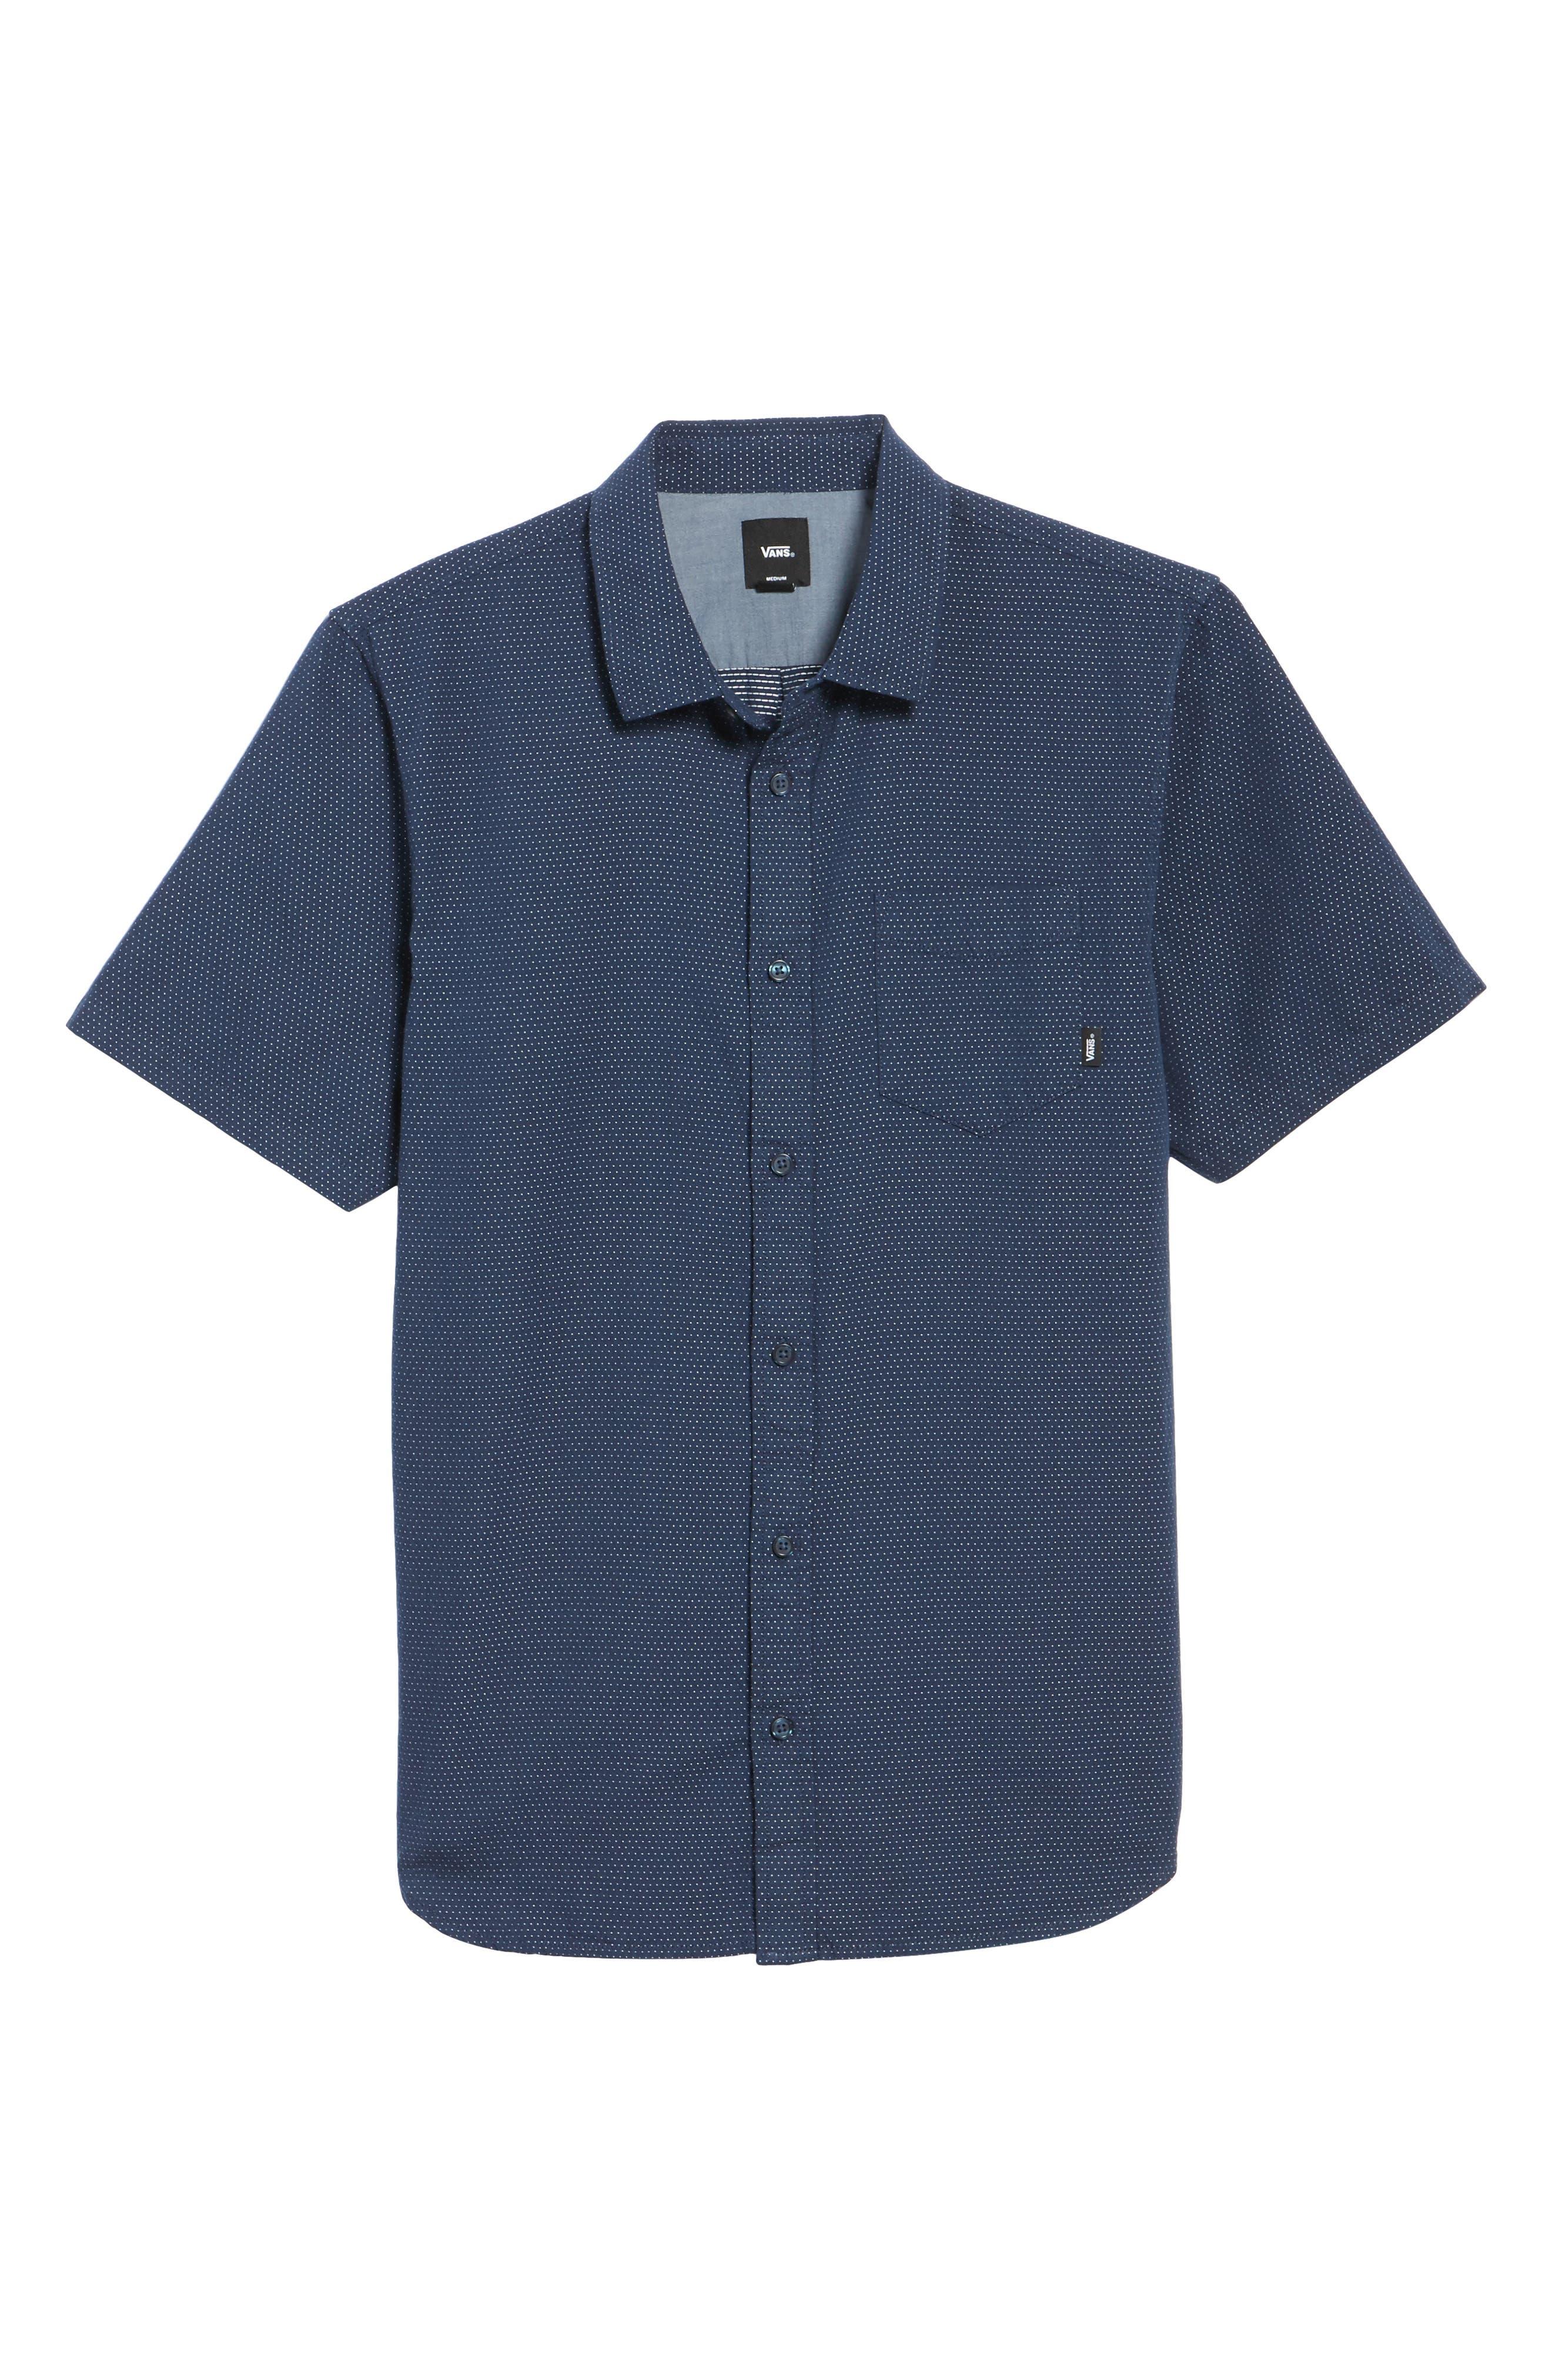 Giddings Short Sleeve Shirt,                             Alternate thumbnail 6, color,                             401